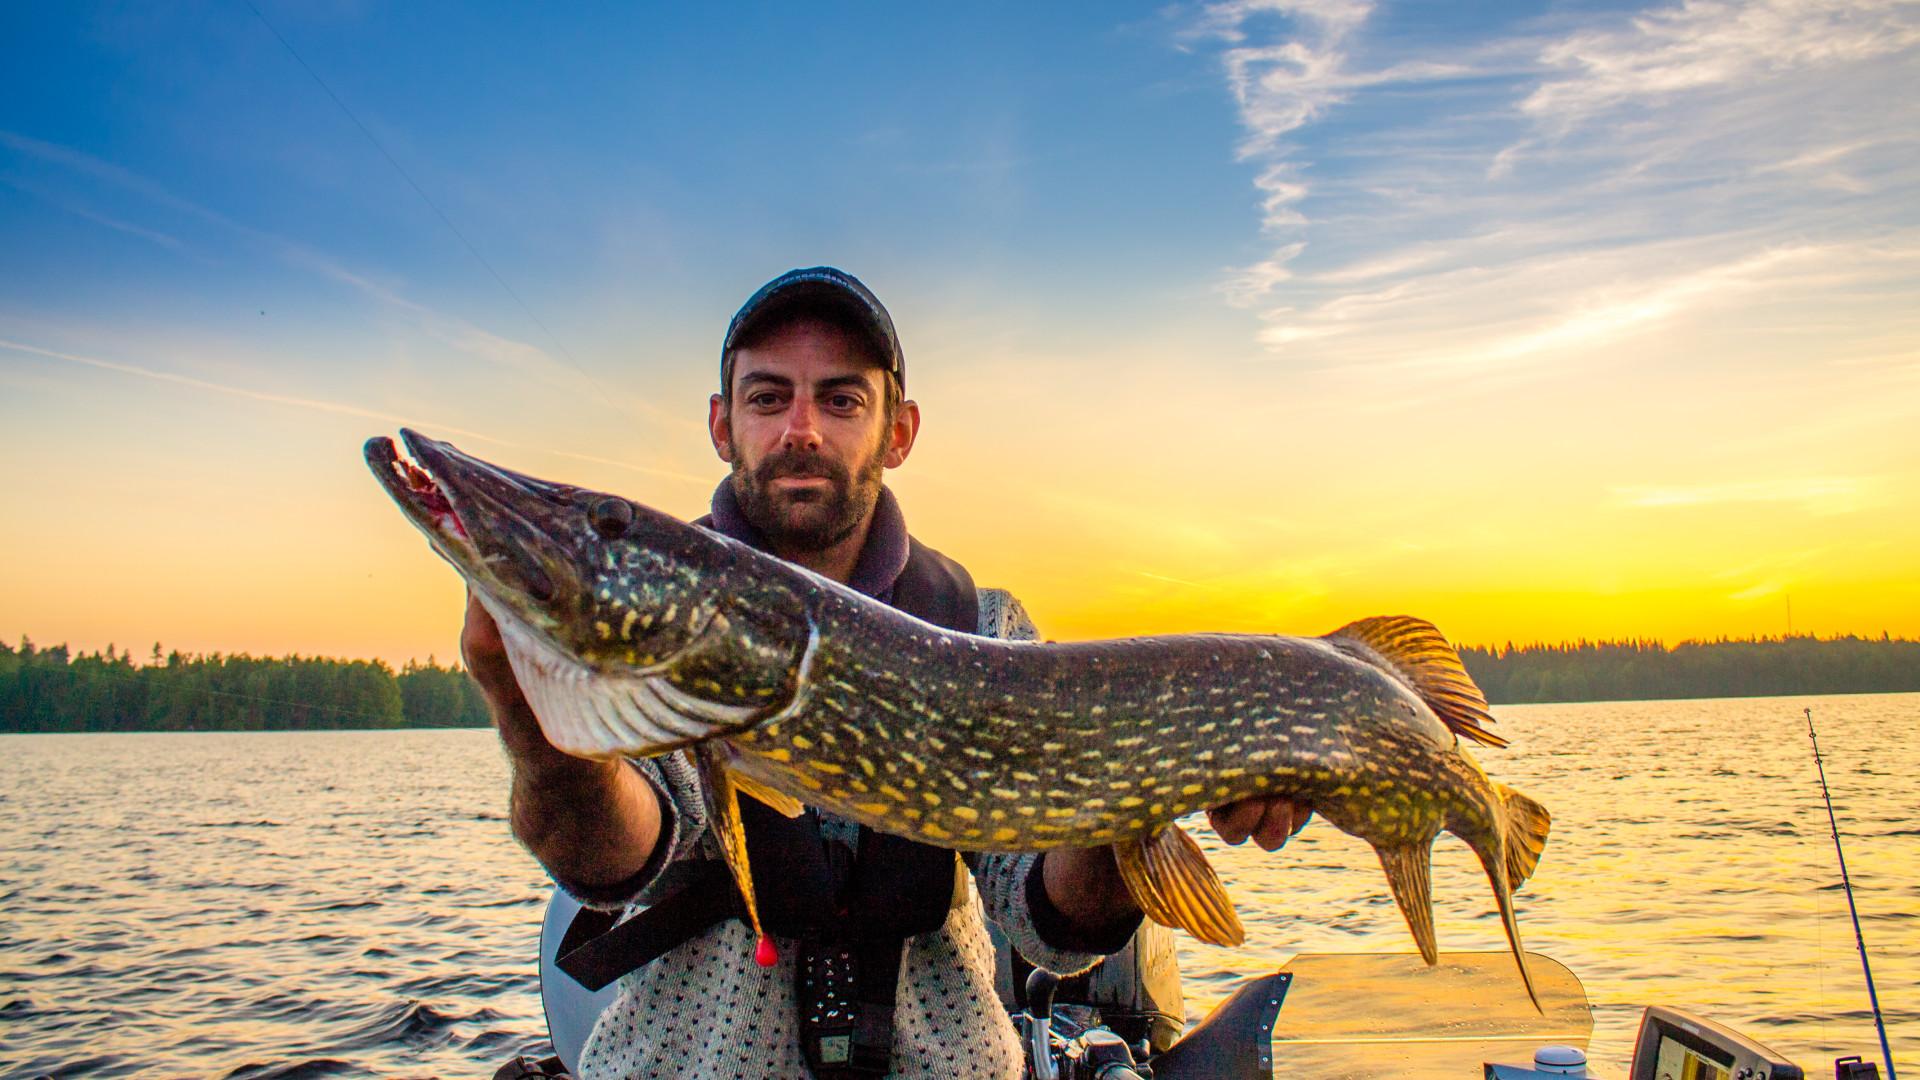 Henrik the fishing guide vacaciones en Suecia cultura escandinava Familia Amigos viajar autocaravana naturaleza pesca en Suecia